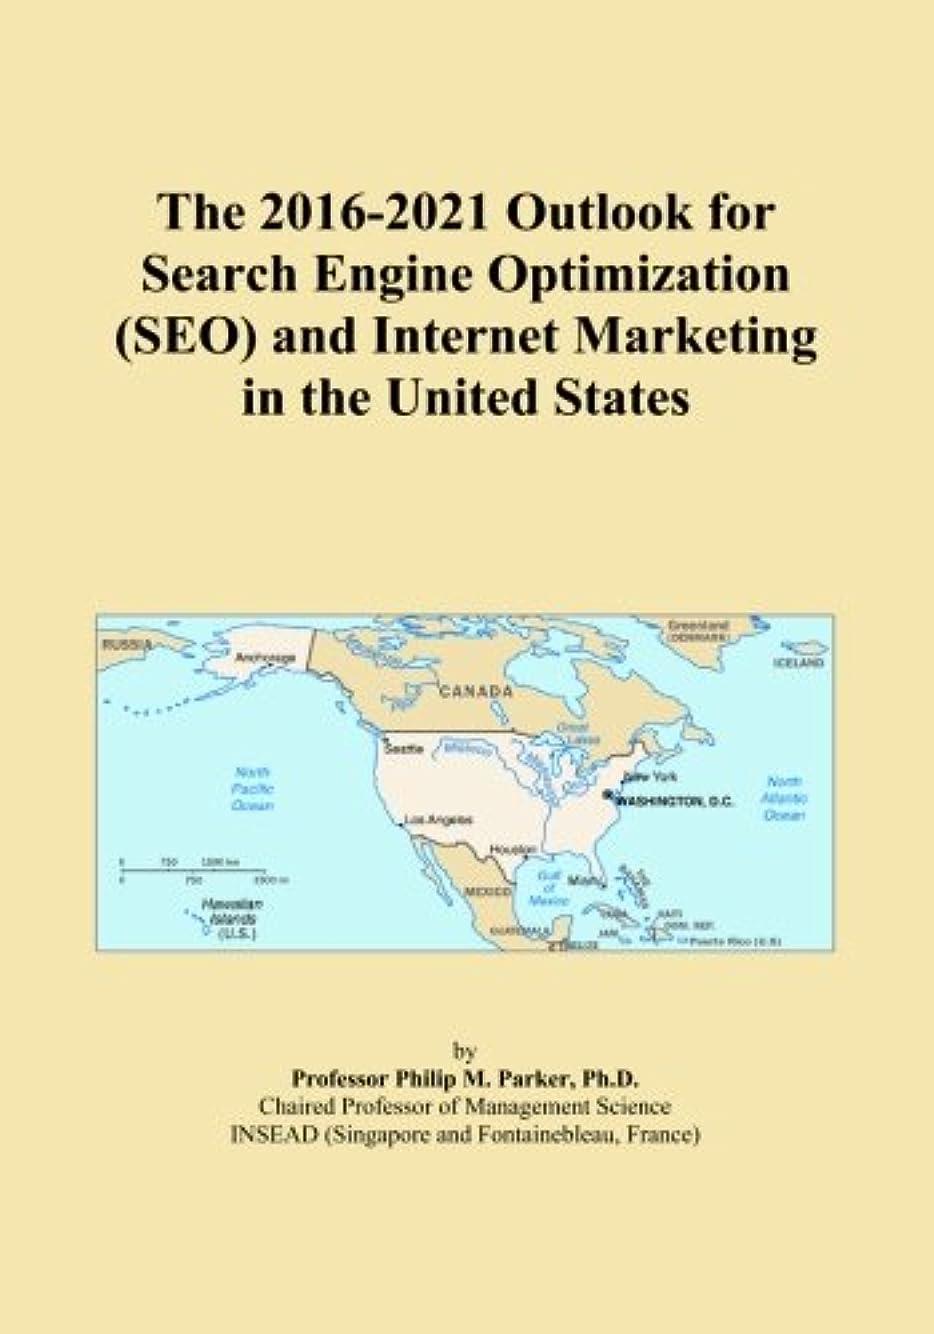 真鍮光の胃The 2016-2021 Outlook for Search Engine Optimization (SEO) and Internet Marketing in the United States